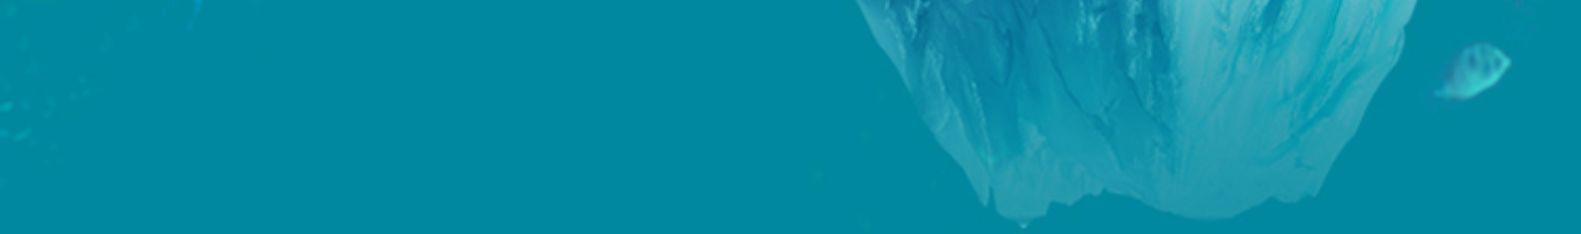 陶笛TNG陶笛12孔AC陶笛初學海波浪十二孔陶笛中音C調SC/SG/SF/AG/AF/BC笛子樂器 紅色SC高音C@we57879